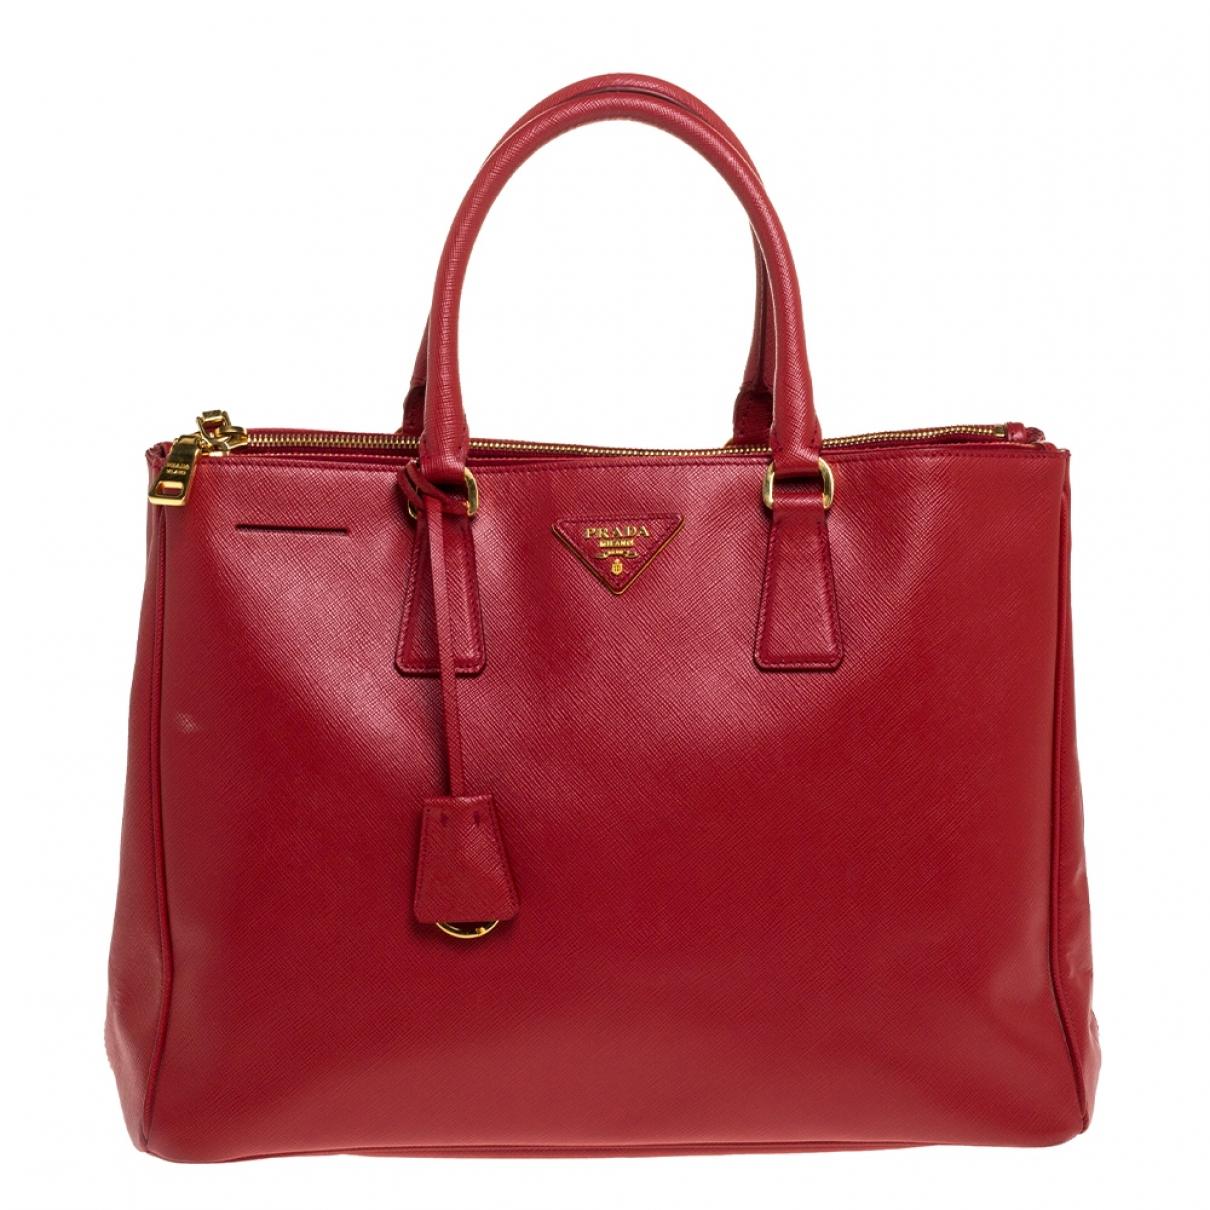 Prada saffiano  Handtasche in  Rot Leder